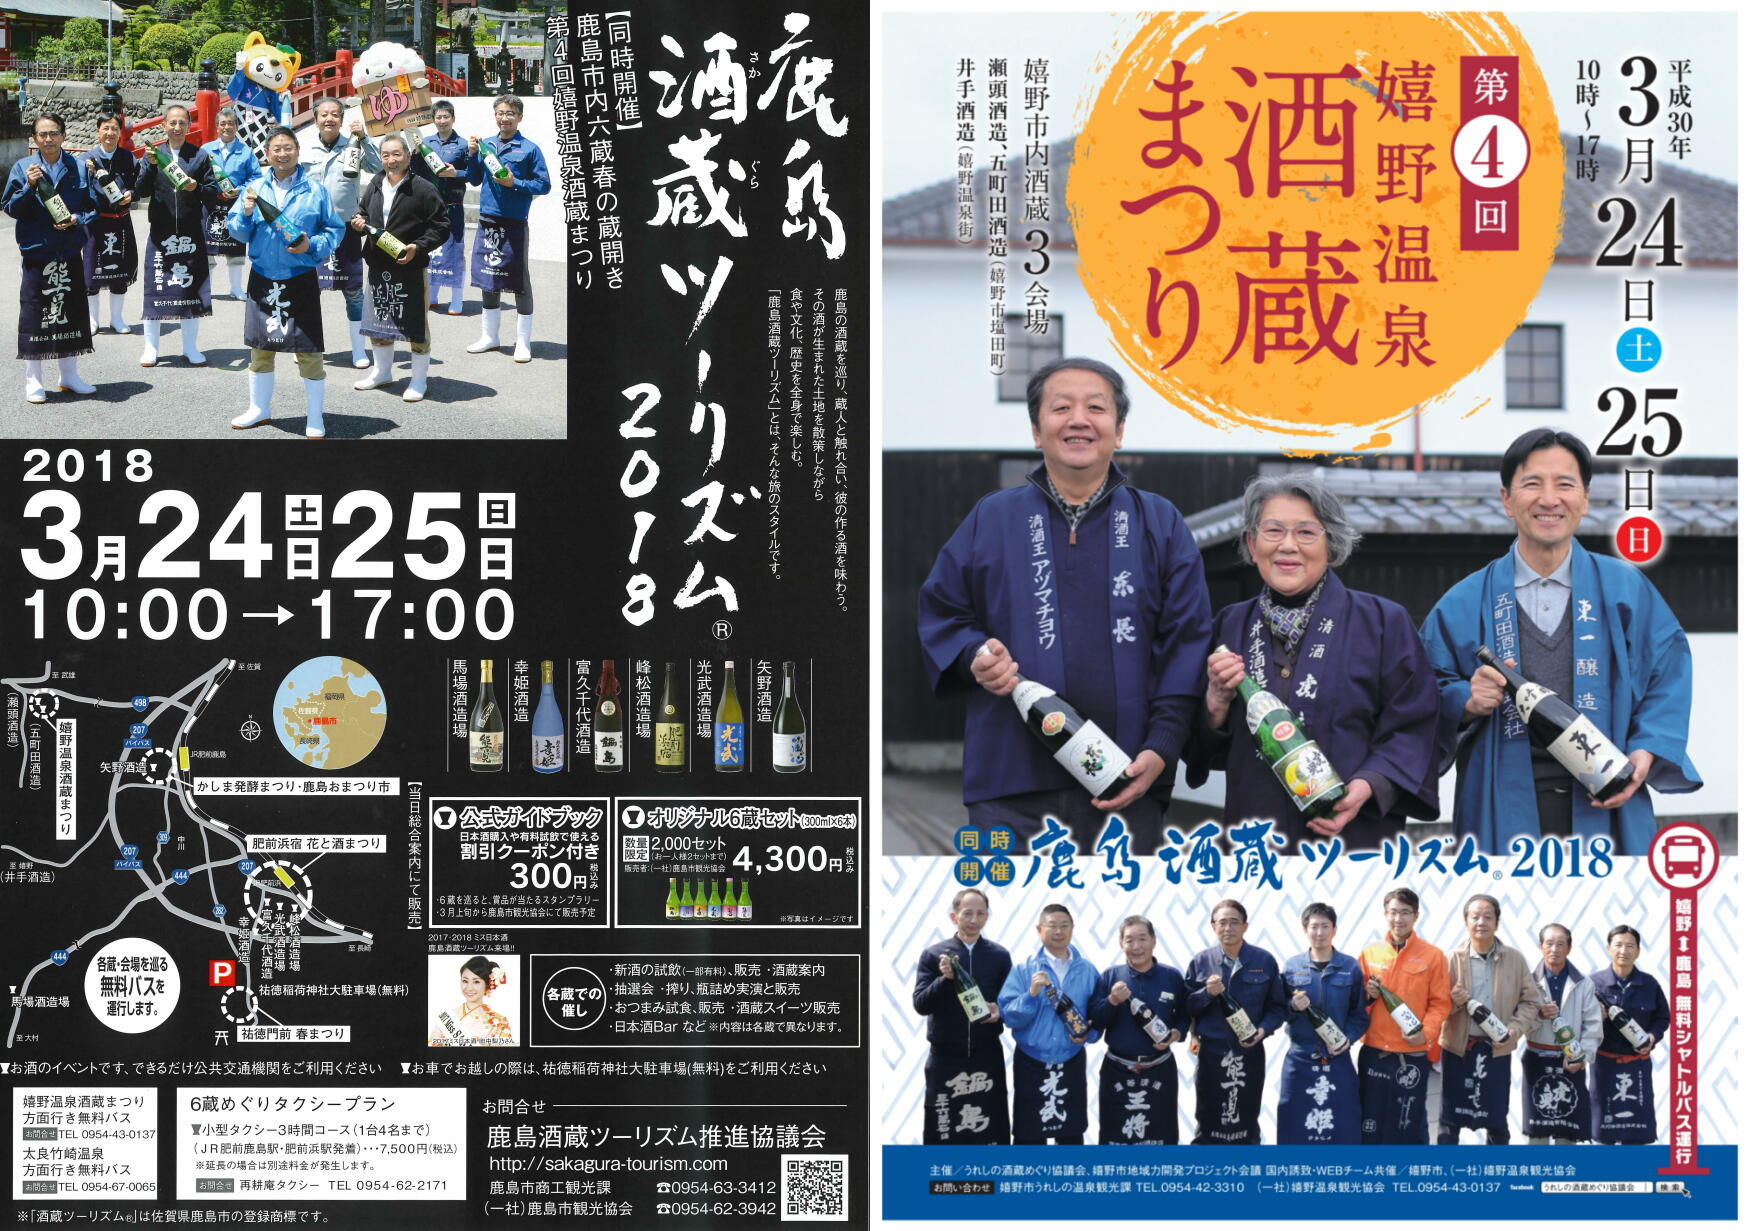 鹿島酒蔵ツーリズム2018・第4回嬉野温泉酒蔵まつりが開催されます。